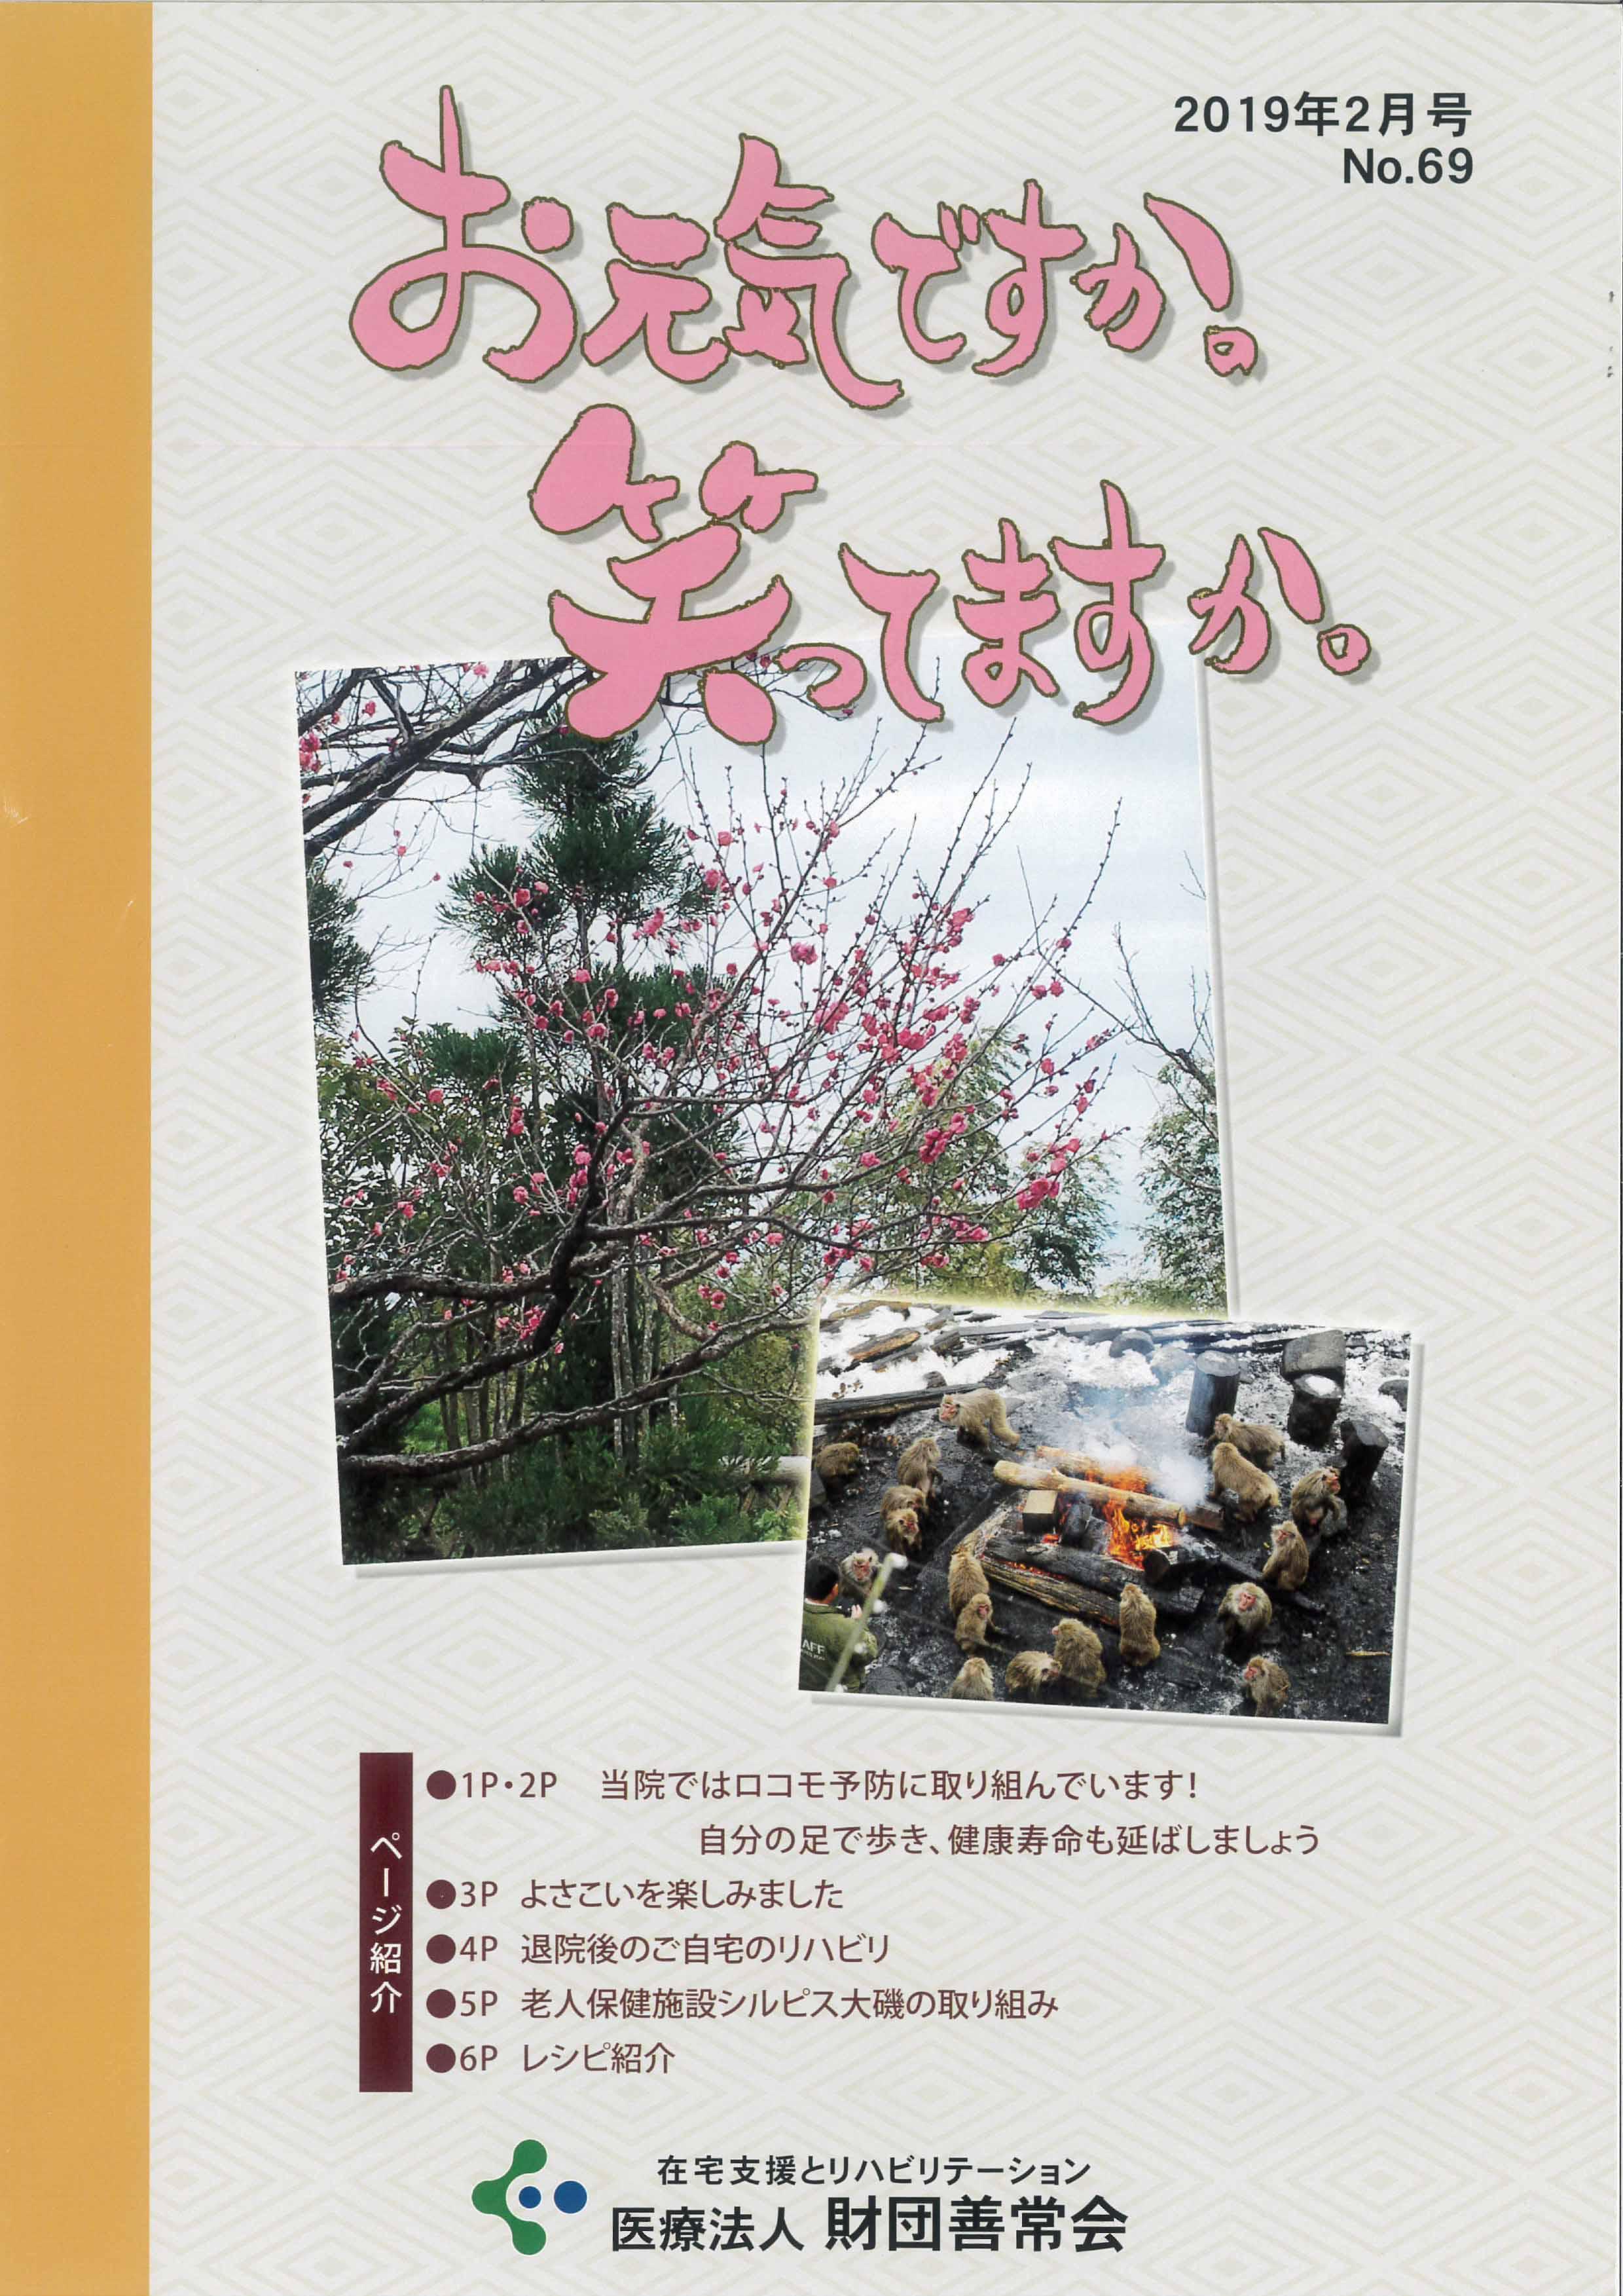 医療法人財団善常会 広報誌 No.69 2019年2月号 表紙